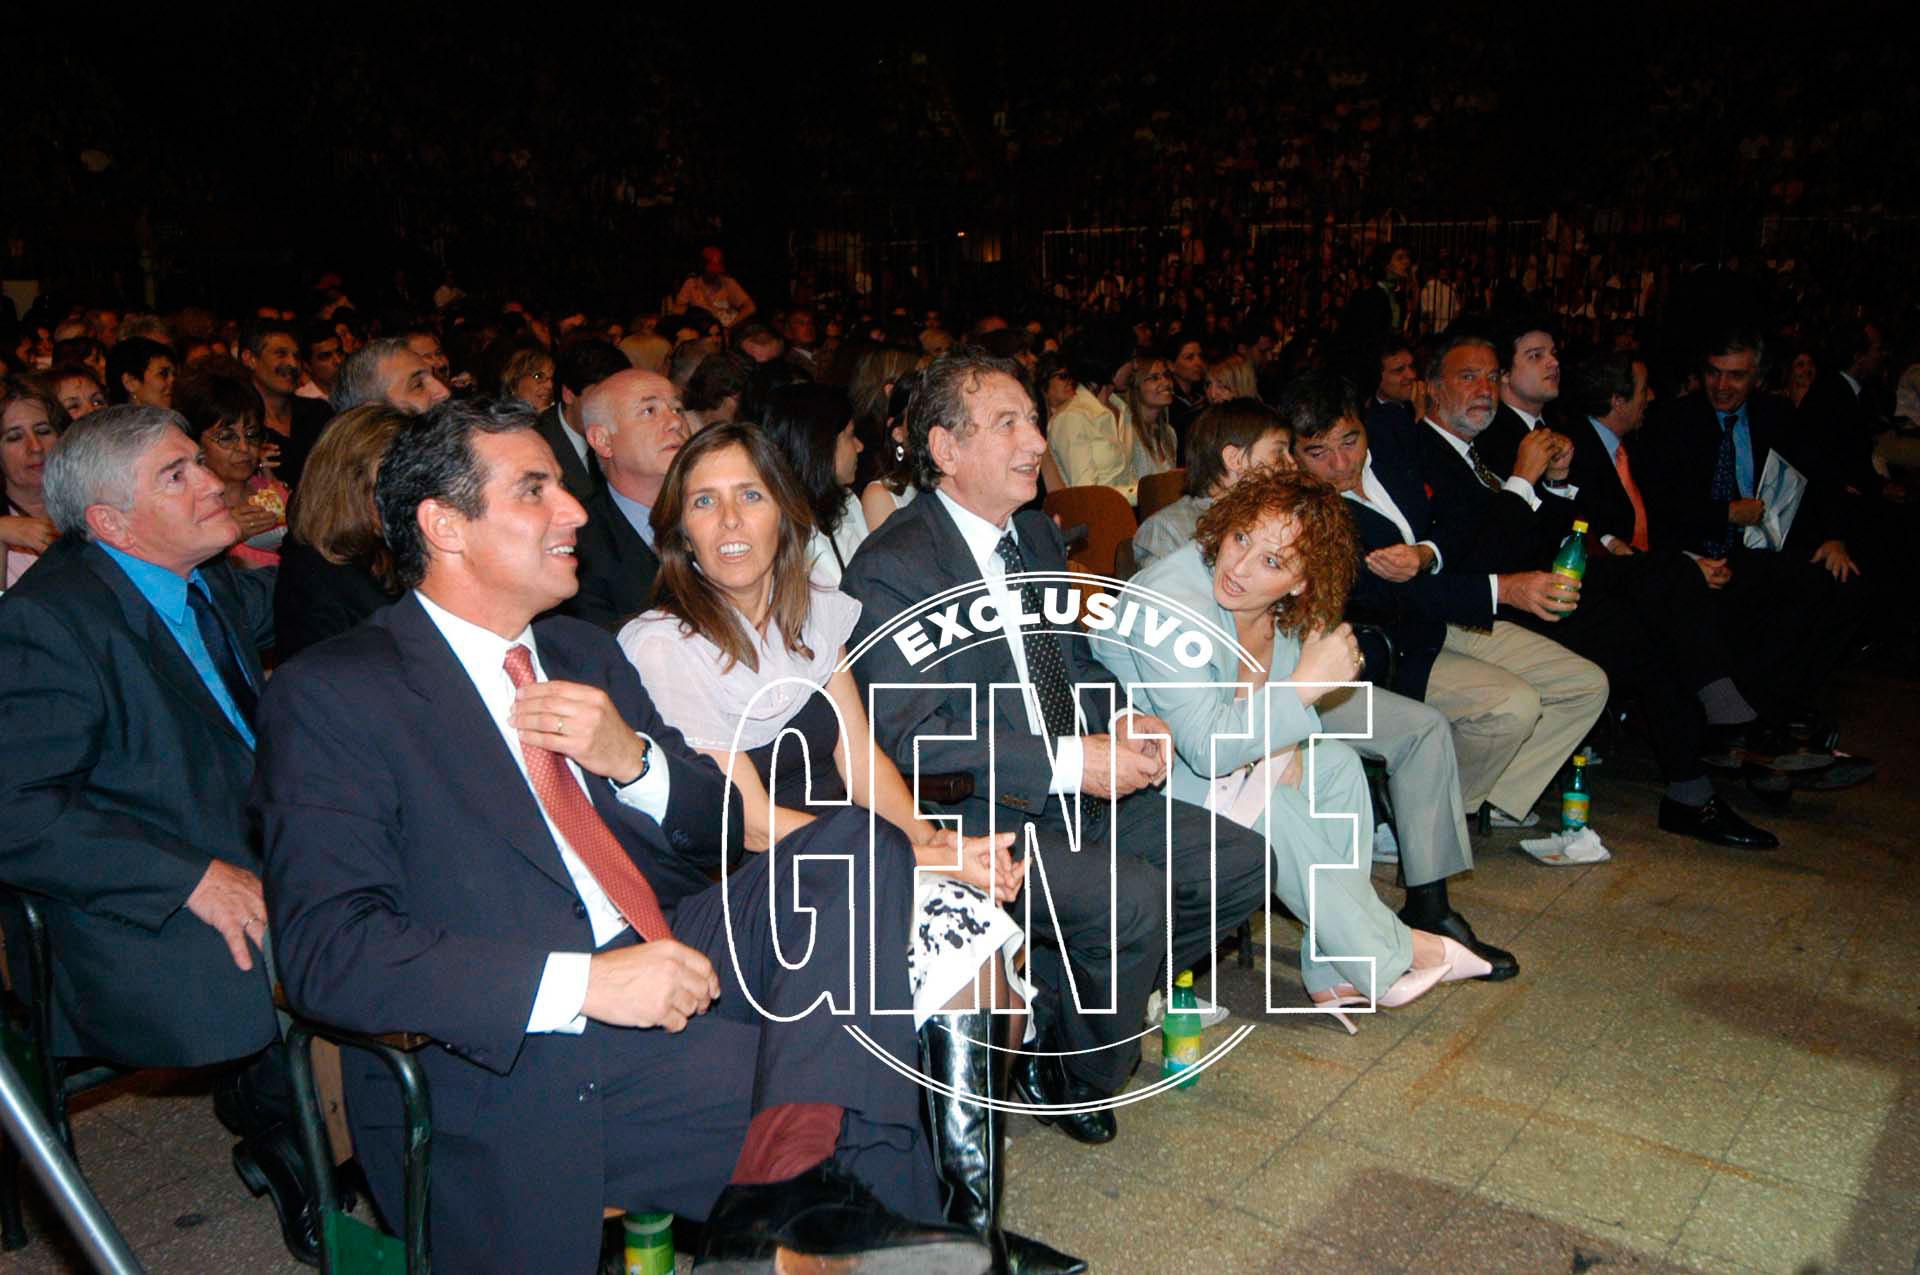 Franco Macri en la celebración de su firma Pago Fácil en el Luna Park. A su lado, su hija Sandra, ya fallecida.Foto: Enrique García Medina/Revista GENTE